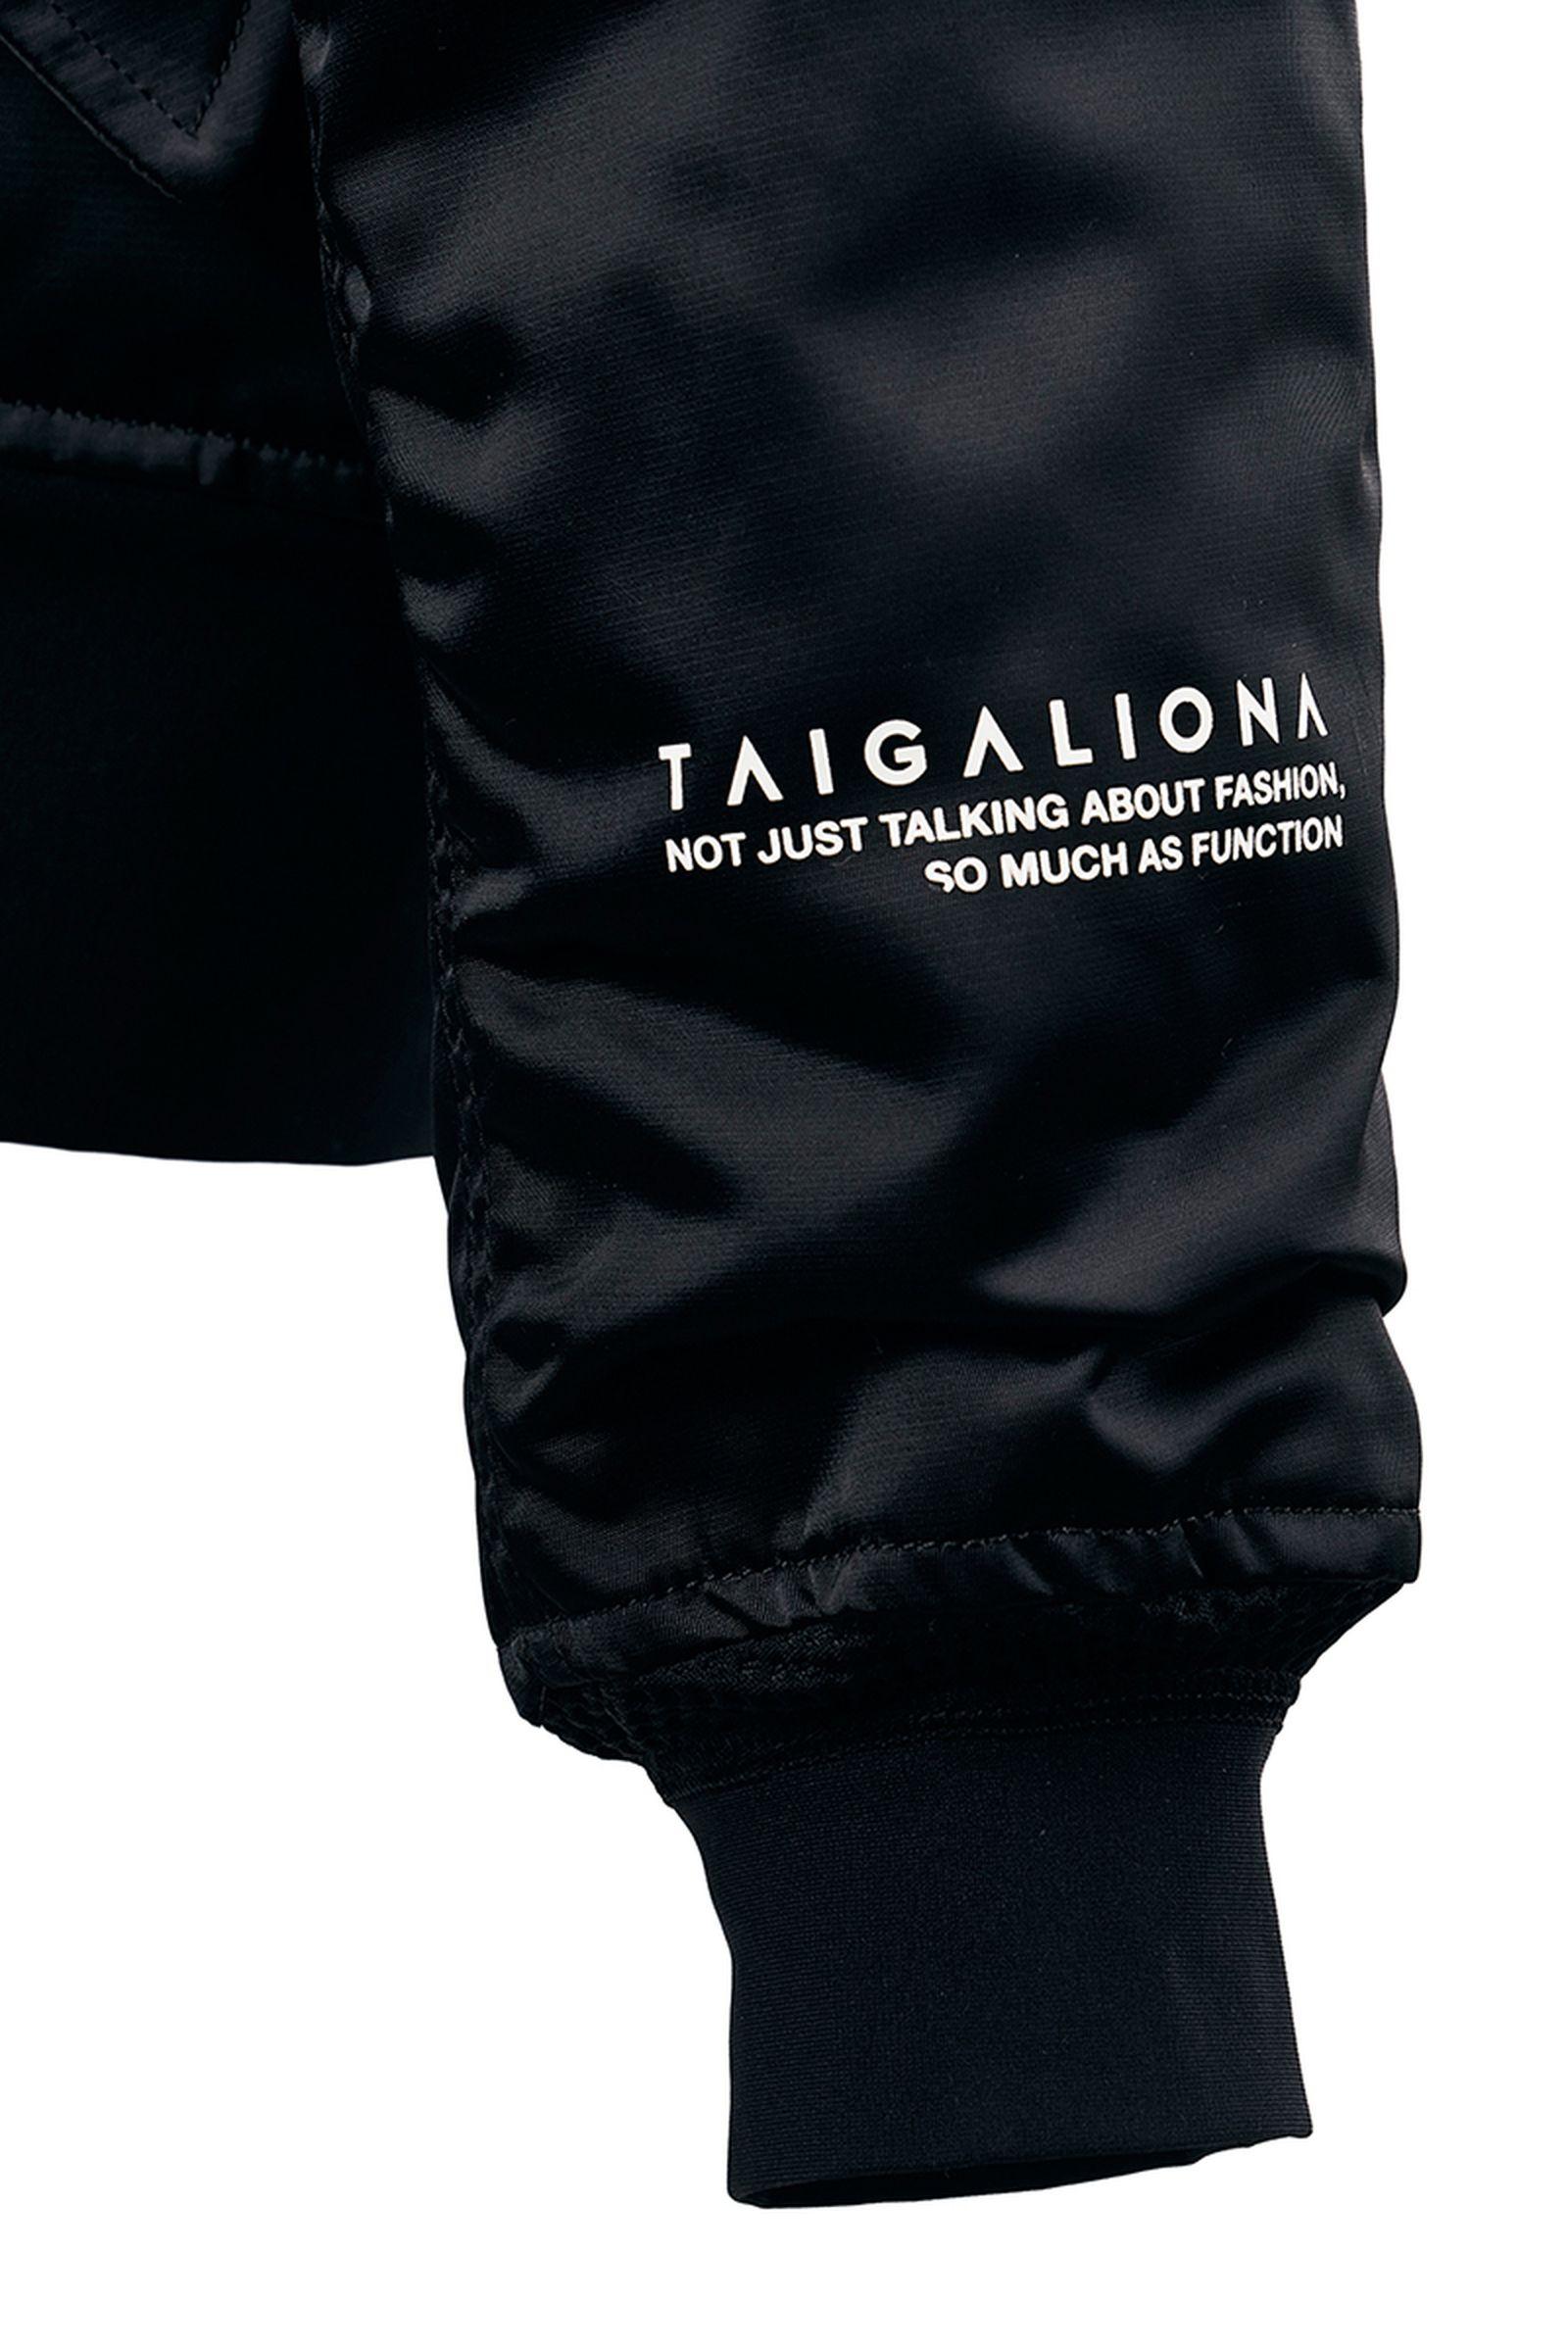 taiga liona fan cooled clothing (9)